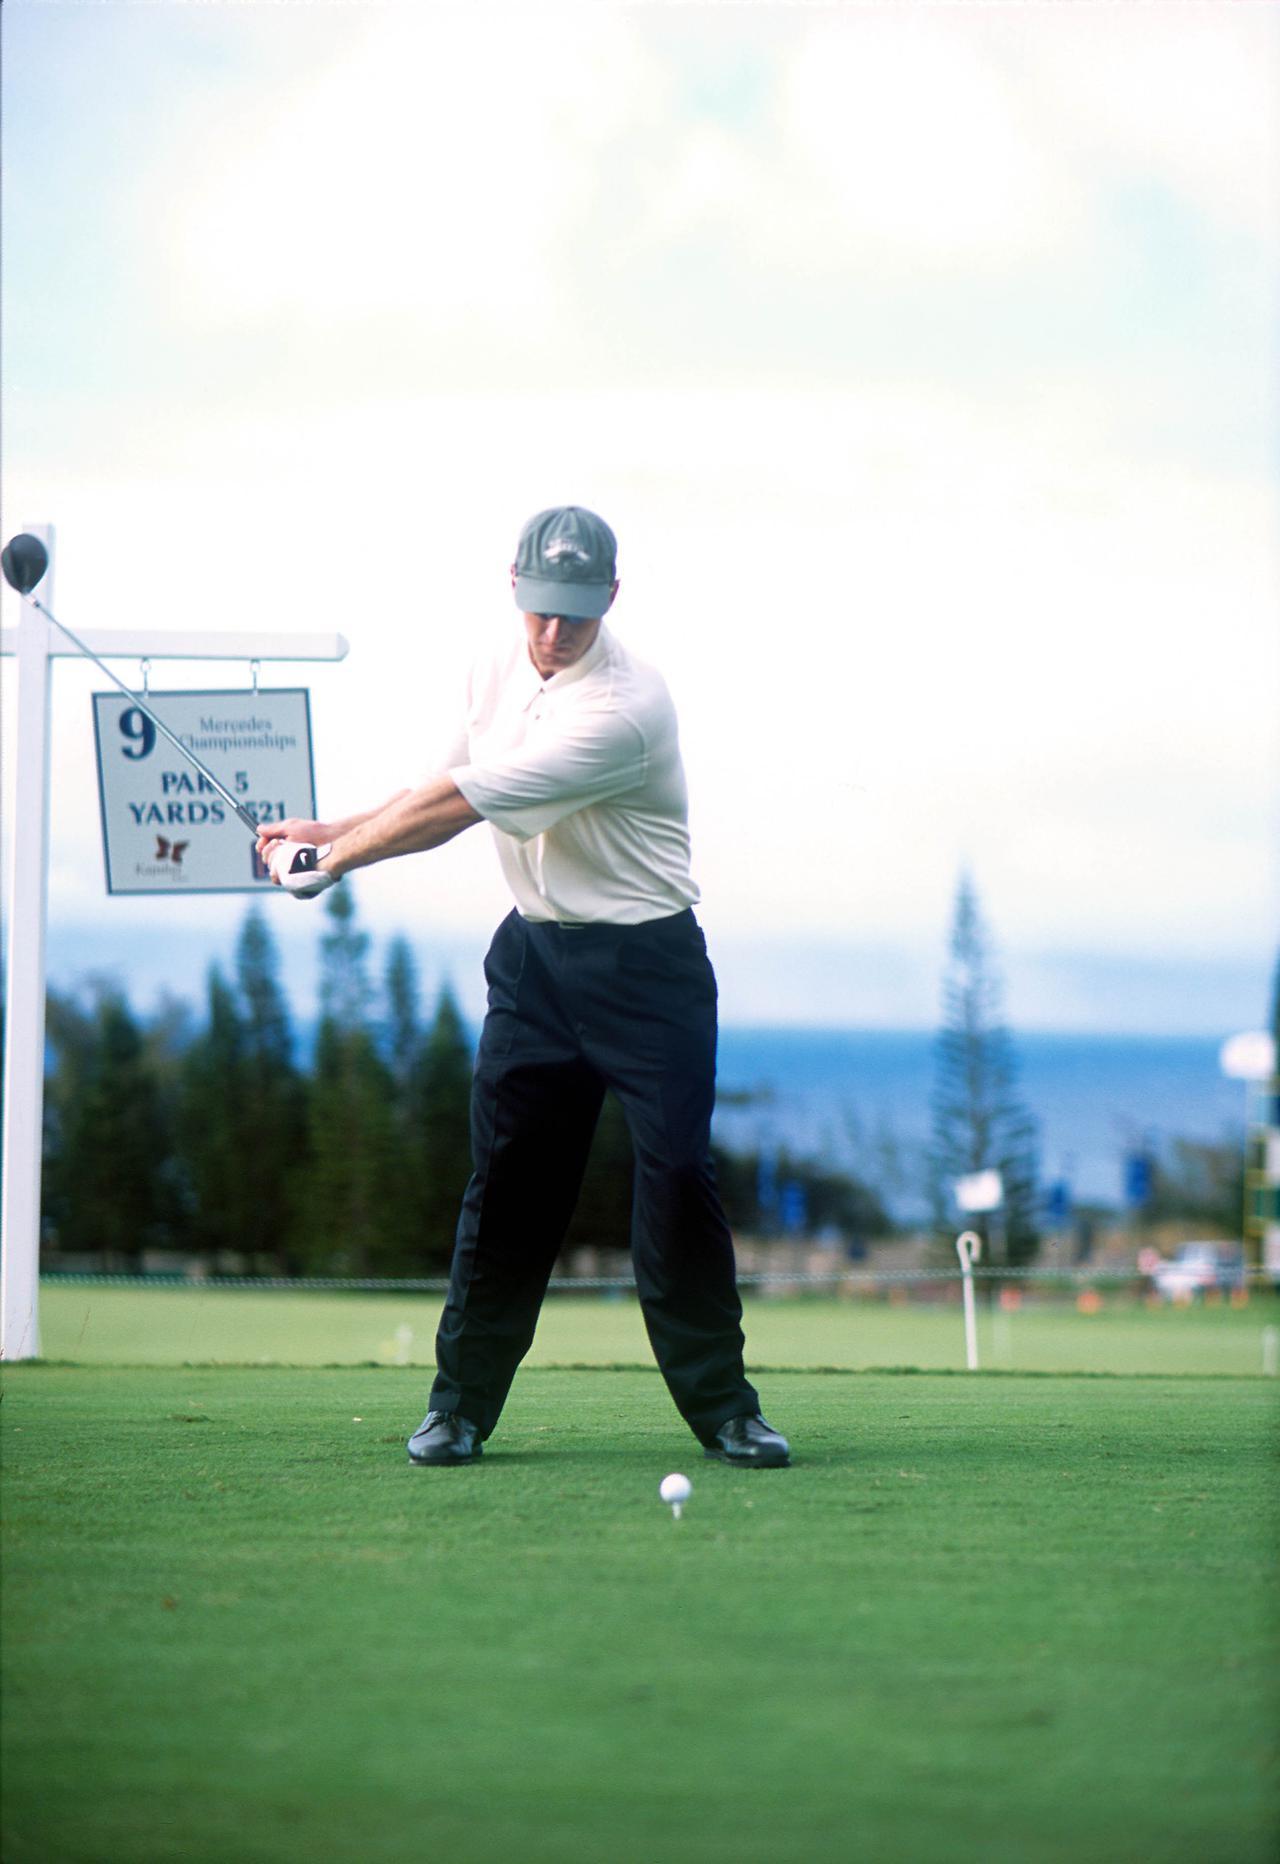 Images : 3番目の画像 - デビッド・デュバル ドライバー正面連続写真 - みんなのゴルフダイジェスト